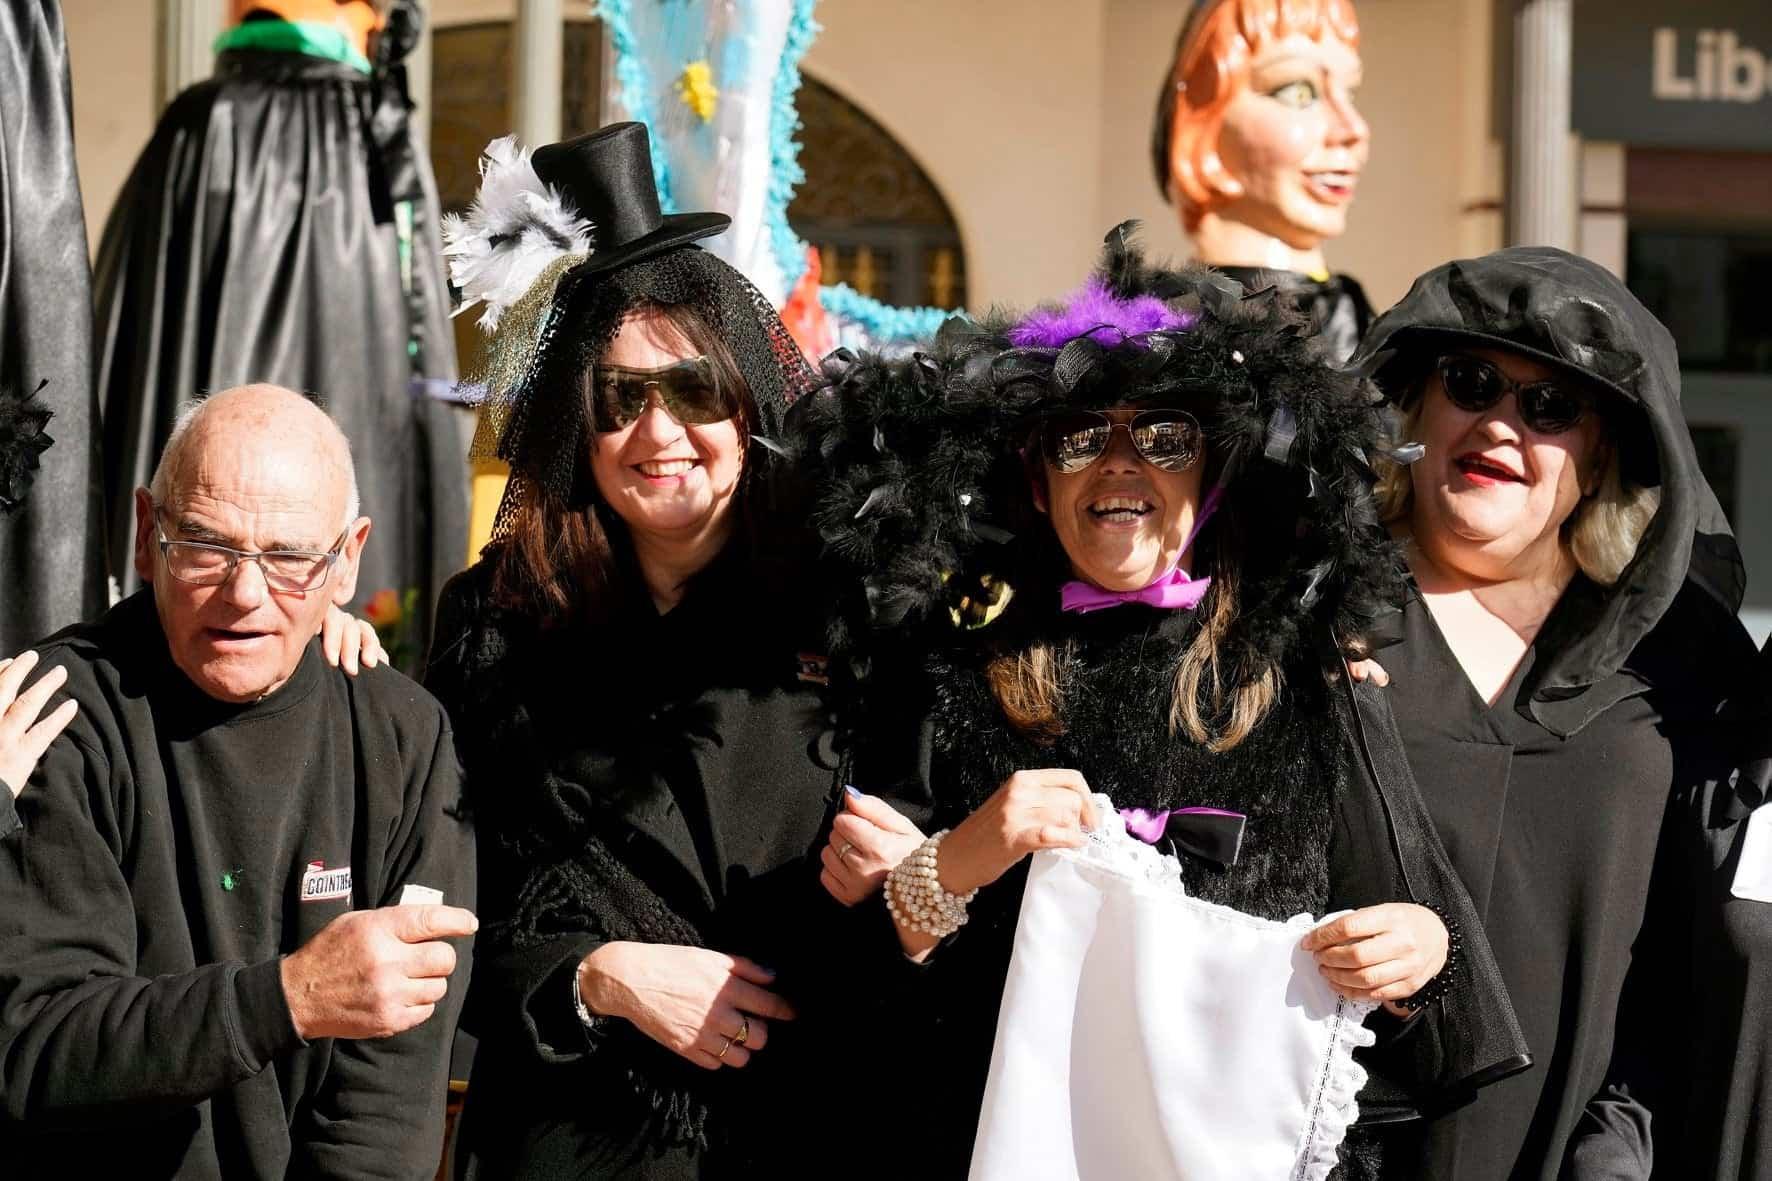 Carnaval de Herencia 2020 entierro sardina 6 - El Entierro de la Sardina 2020 del Carnaval de Herencia